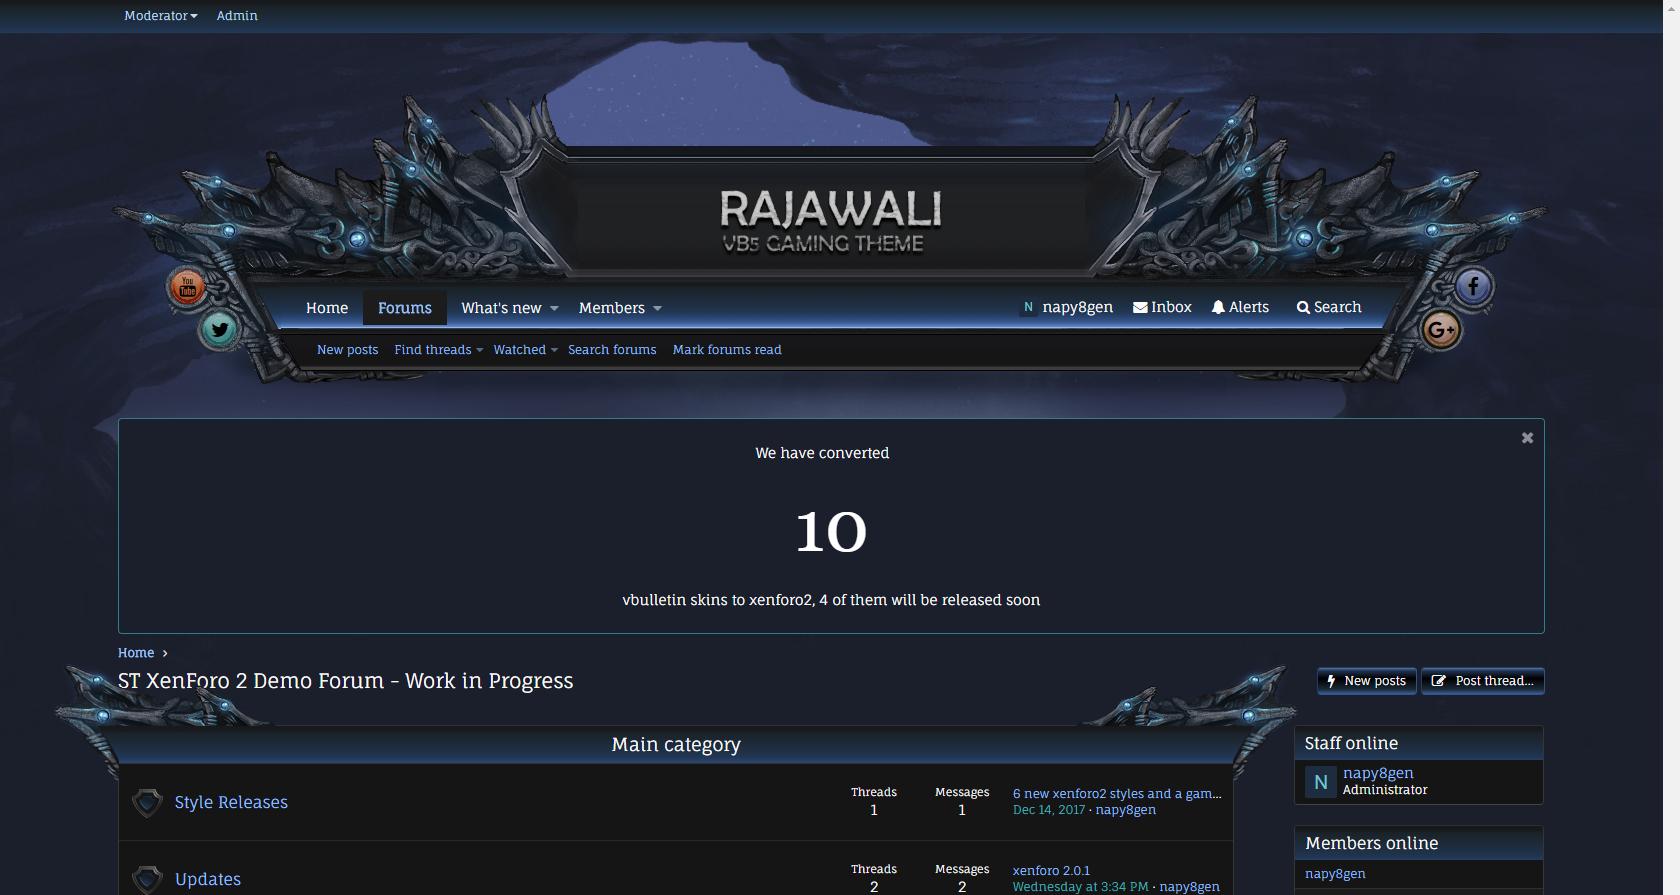 rajawali - Rajawali xf2